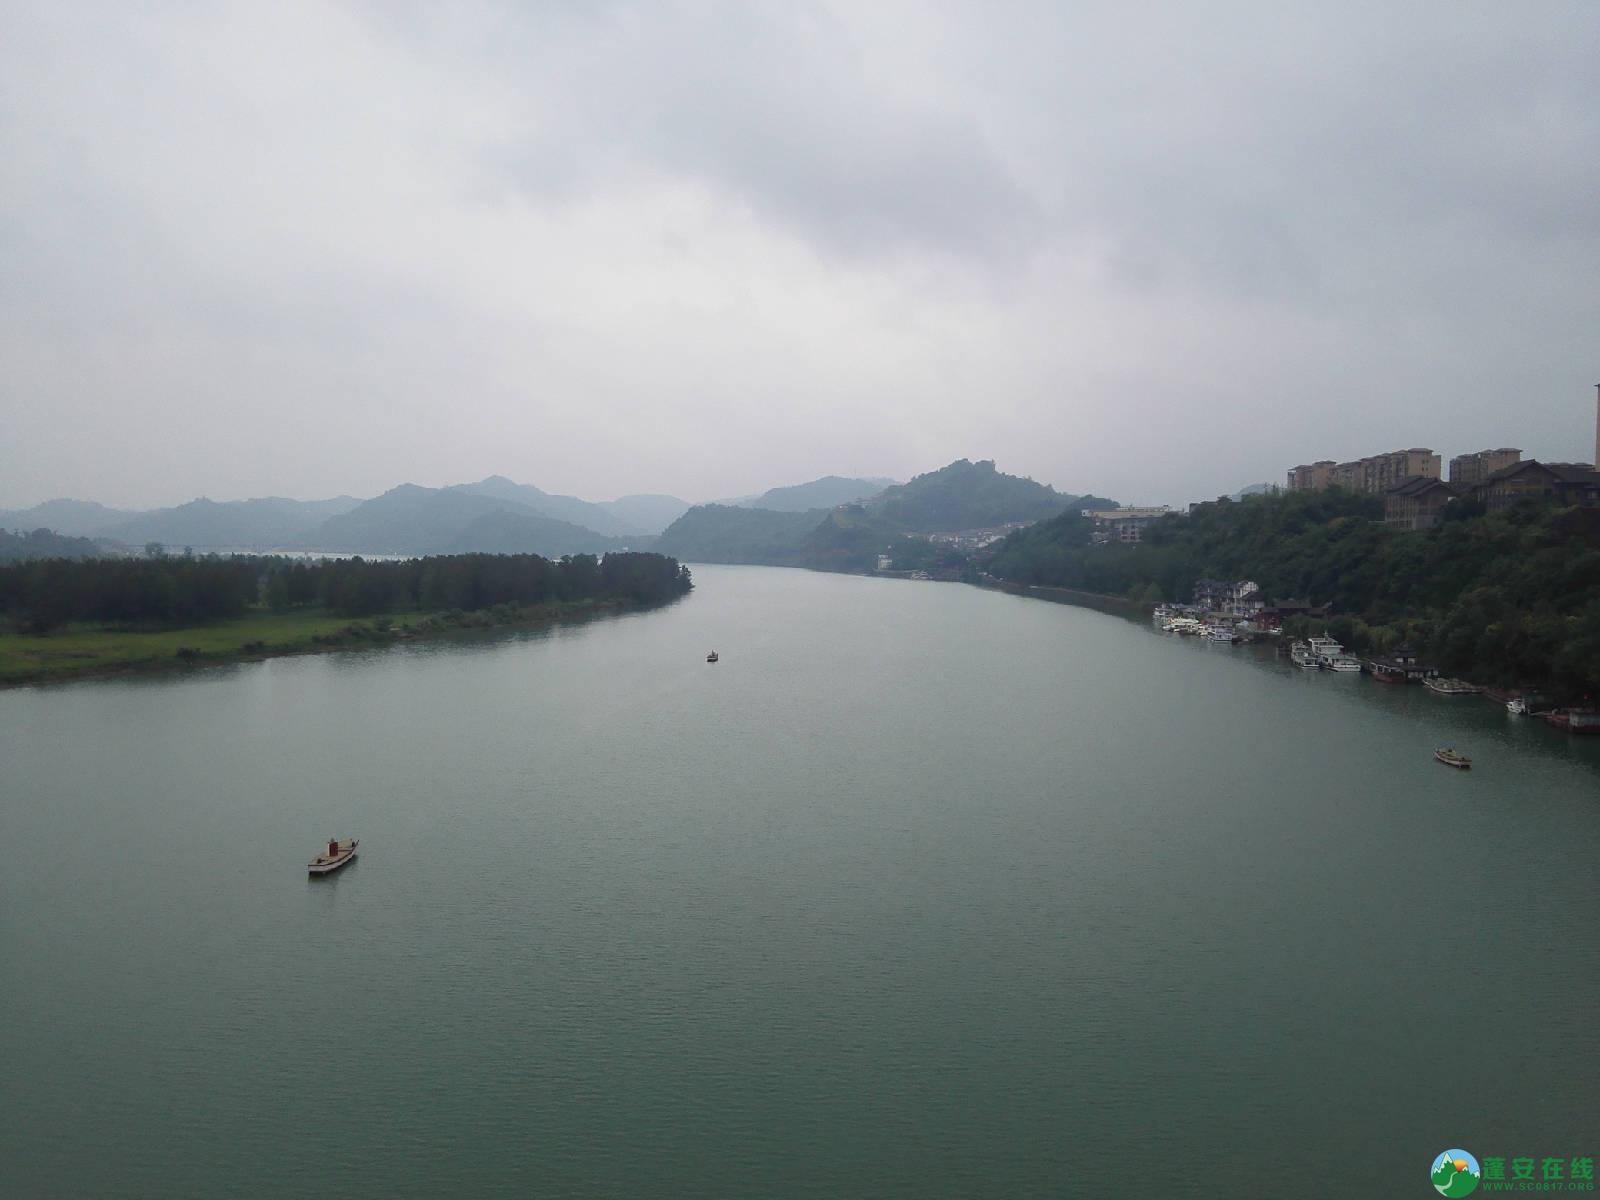 蓬安山水之城 - 第2张  | 蓬安在线